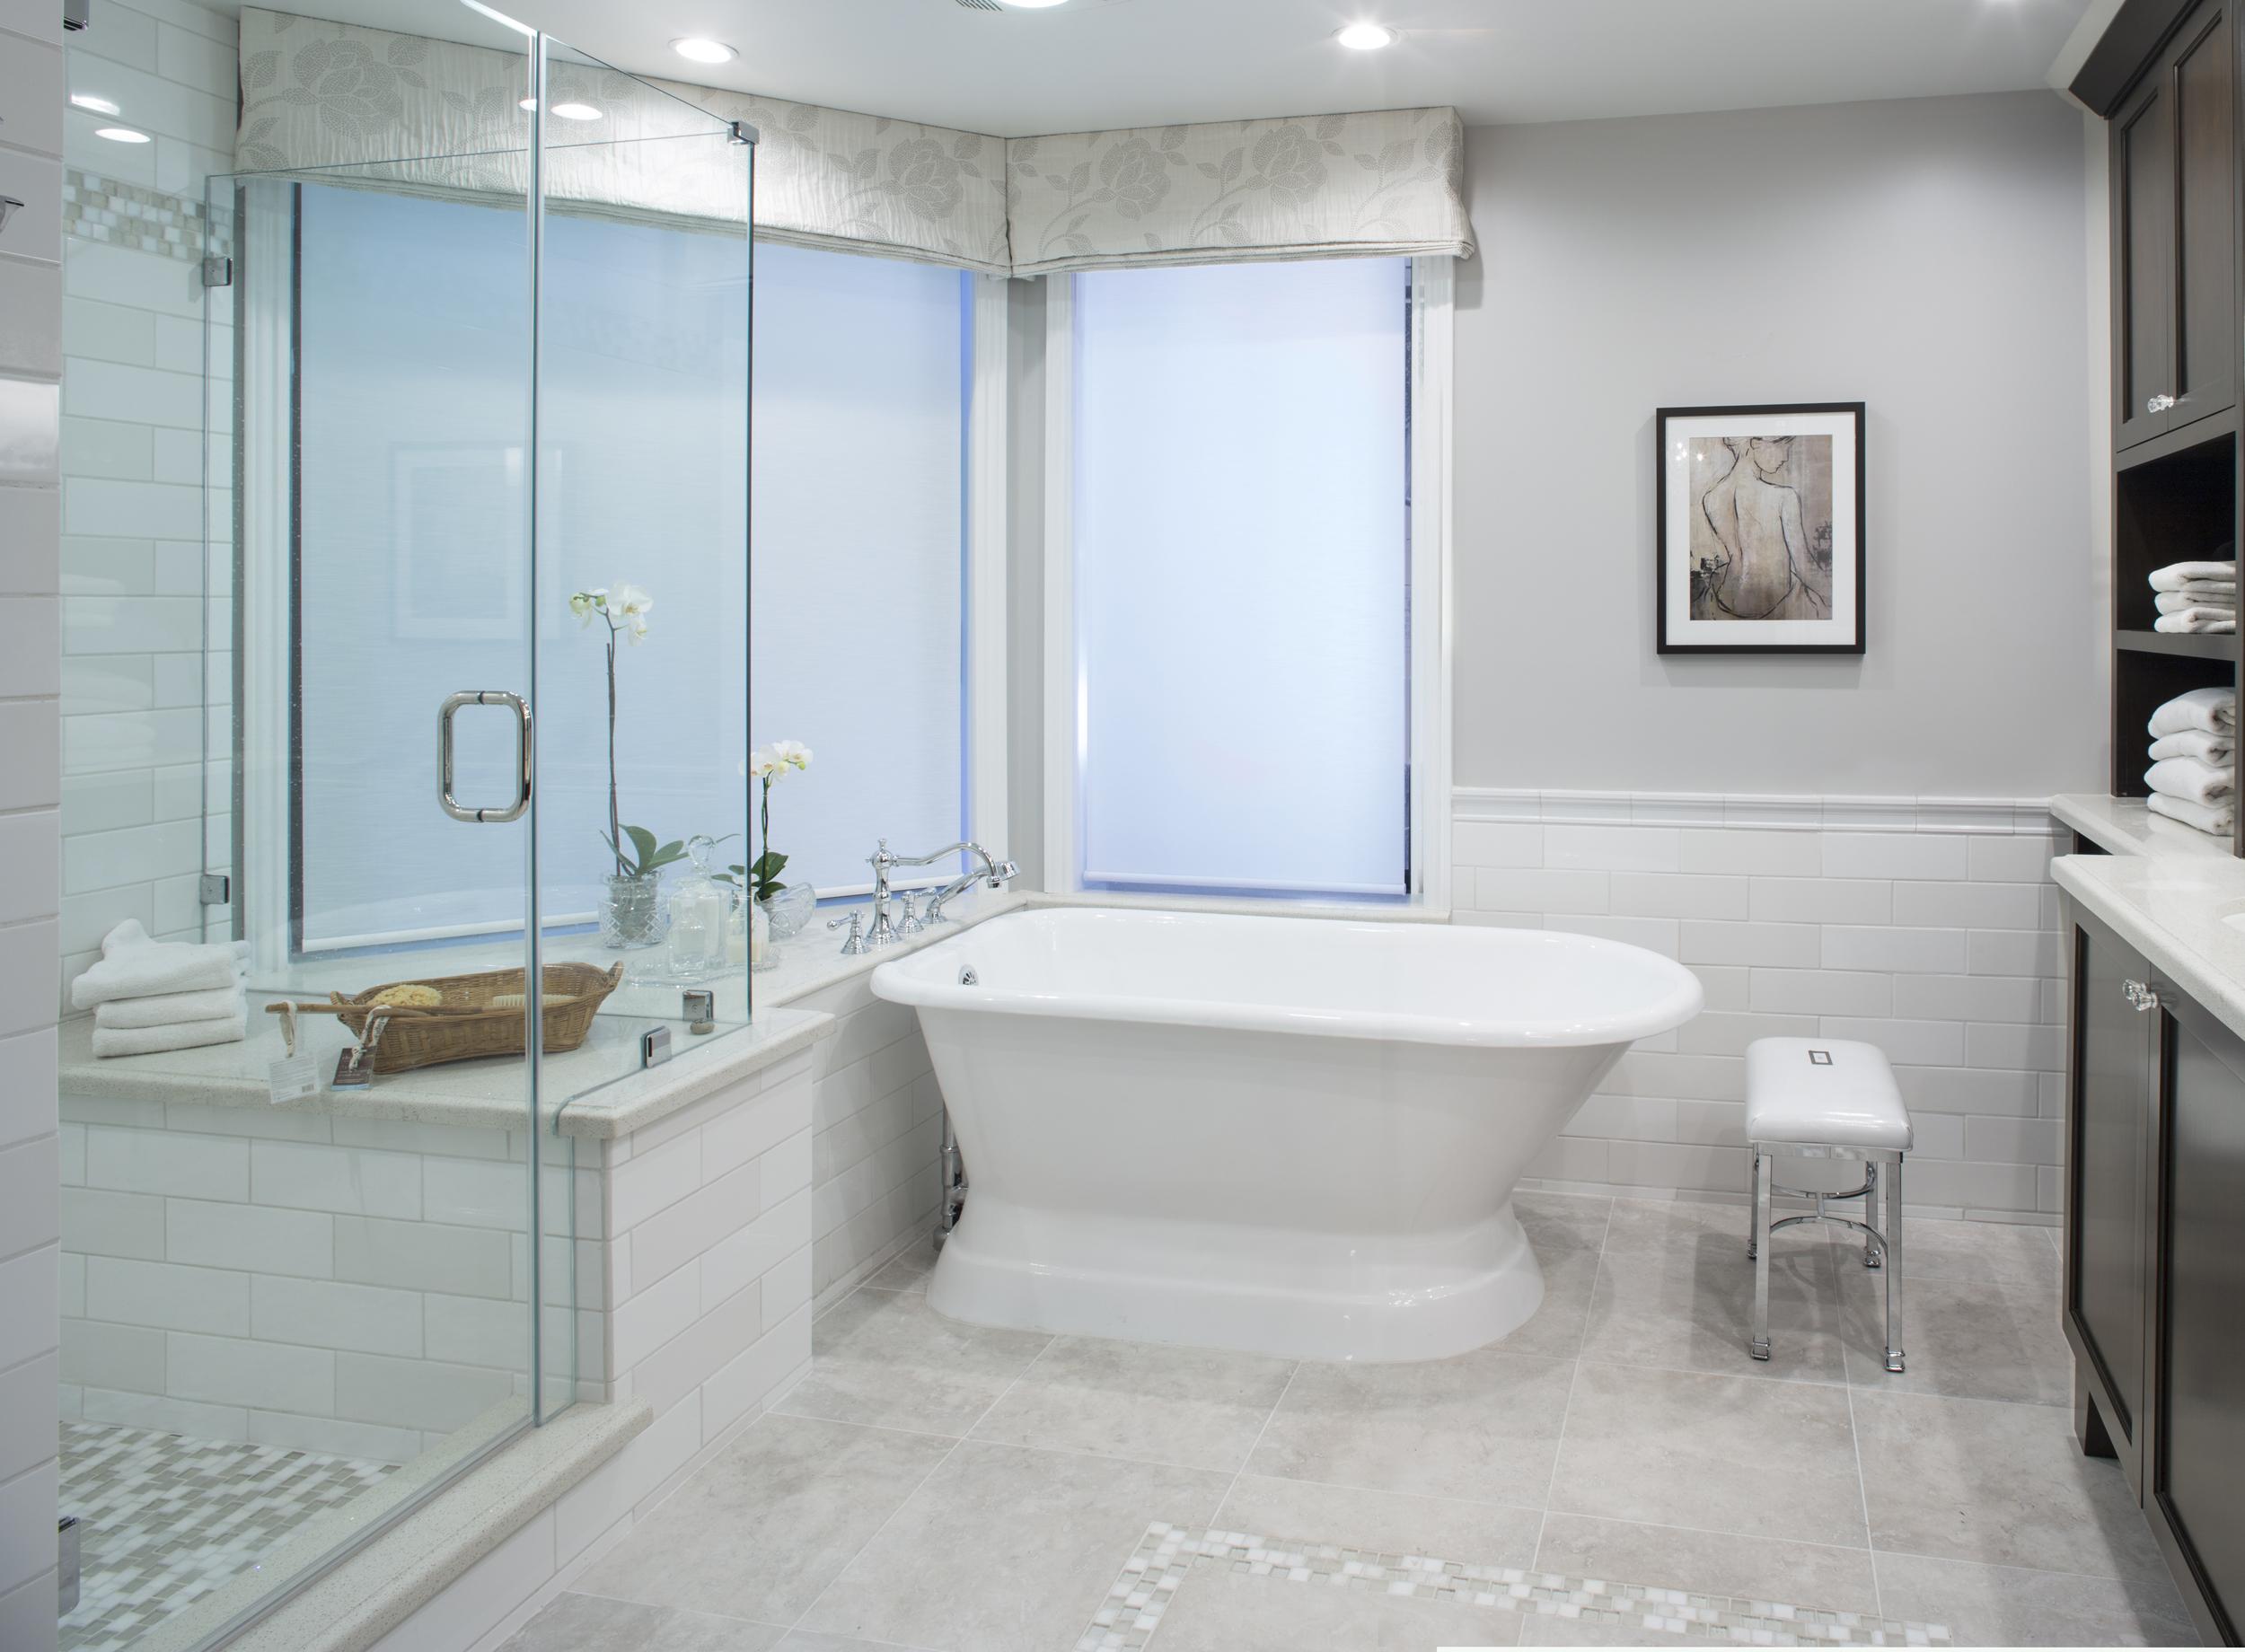 Condominium Remodel, Encino, CA